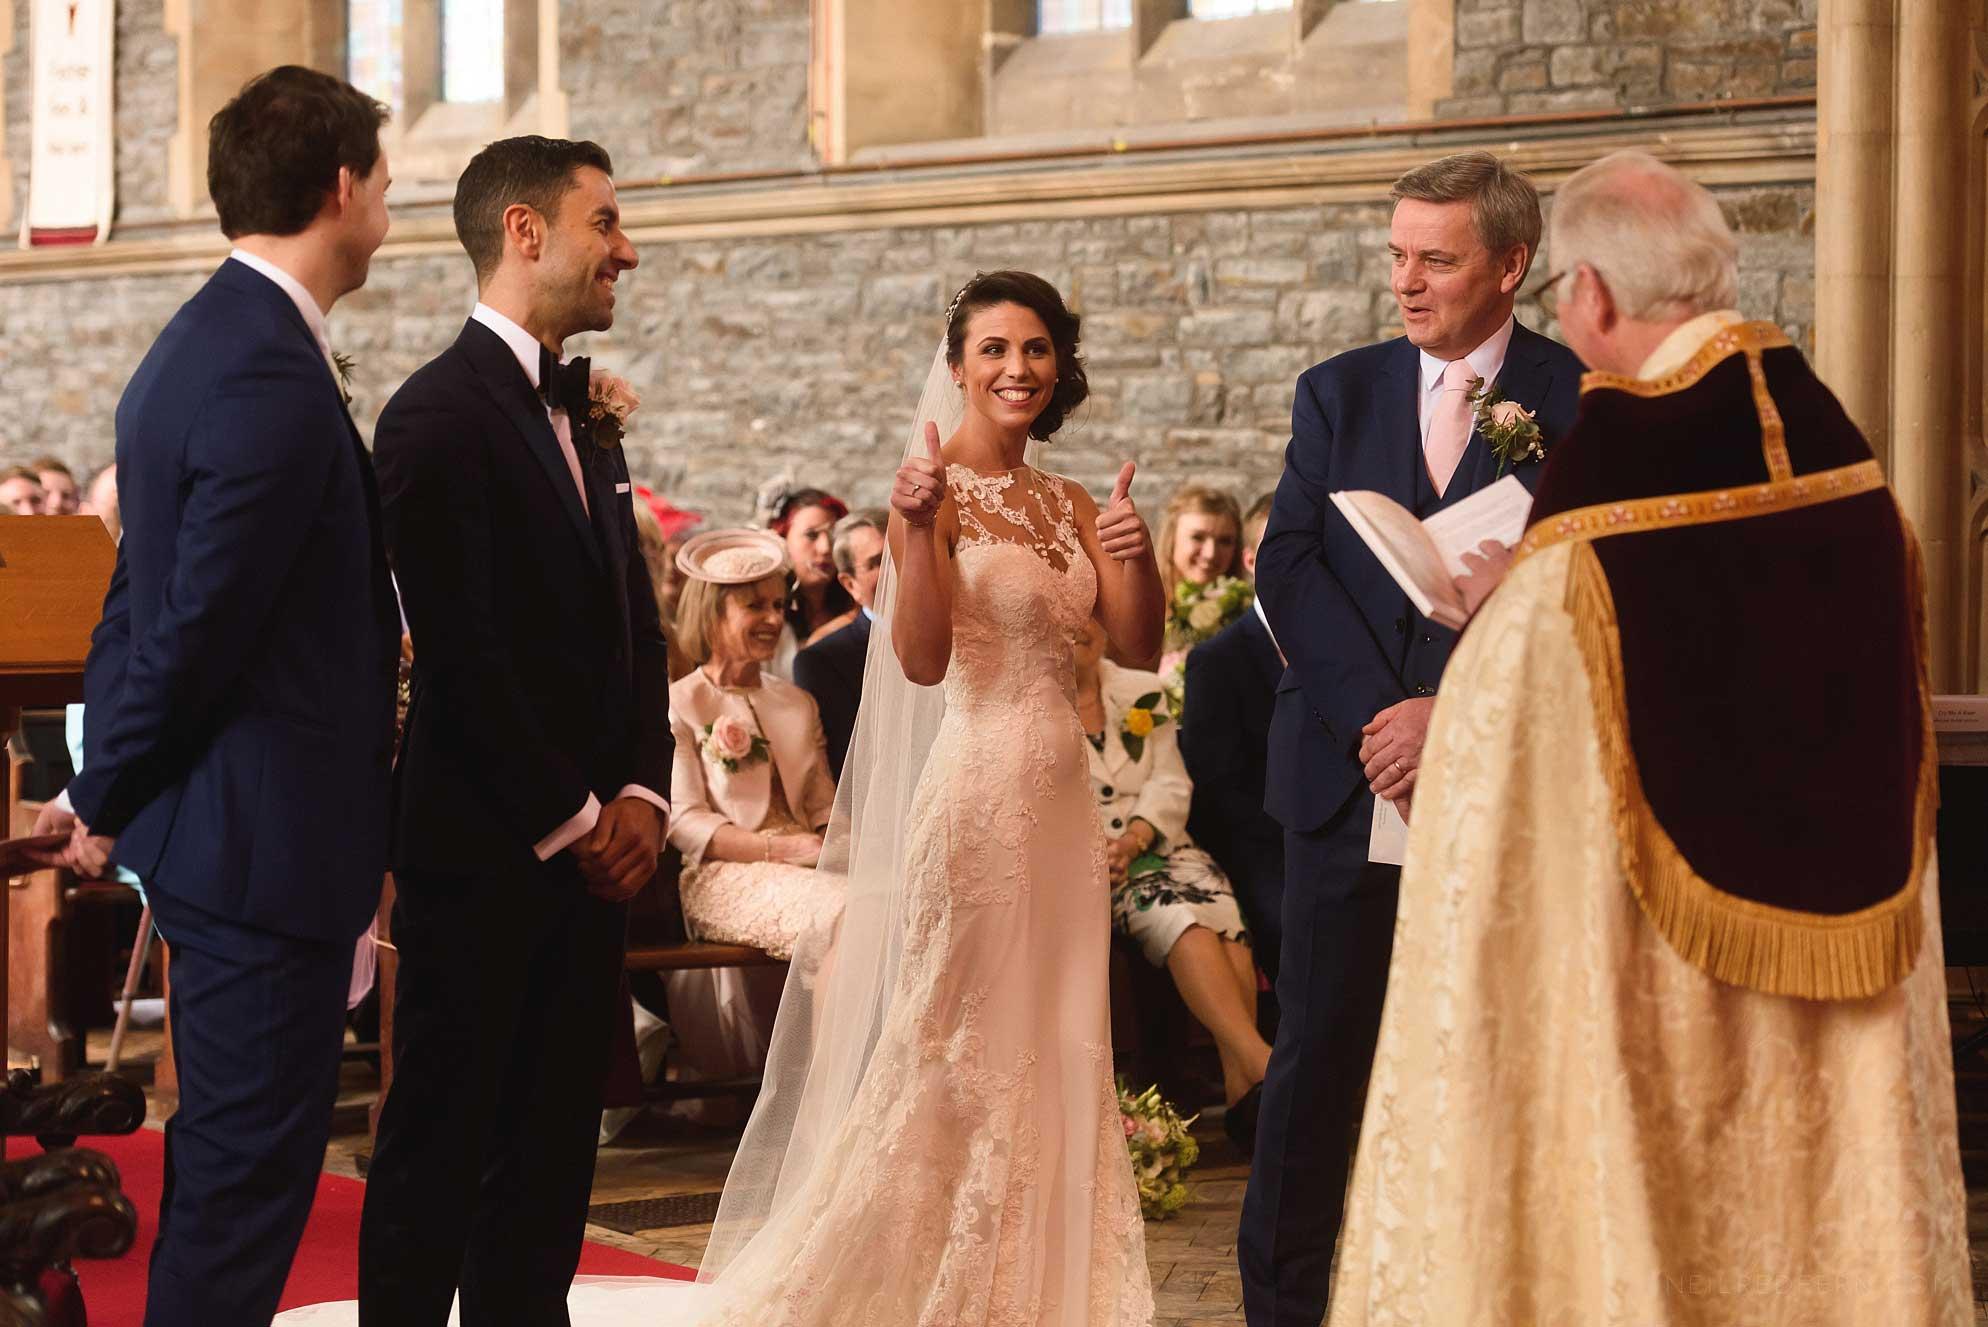 Nanteos-Mansion-wedding-photographs-17